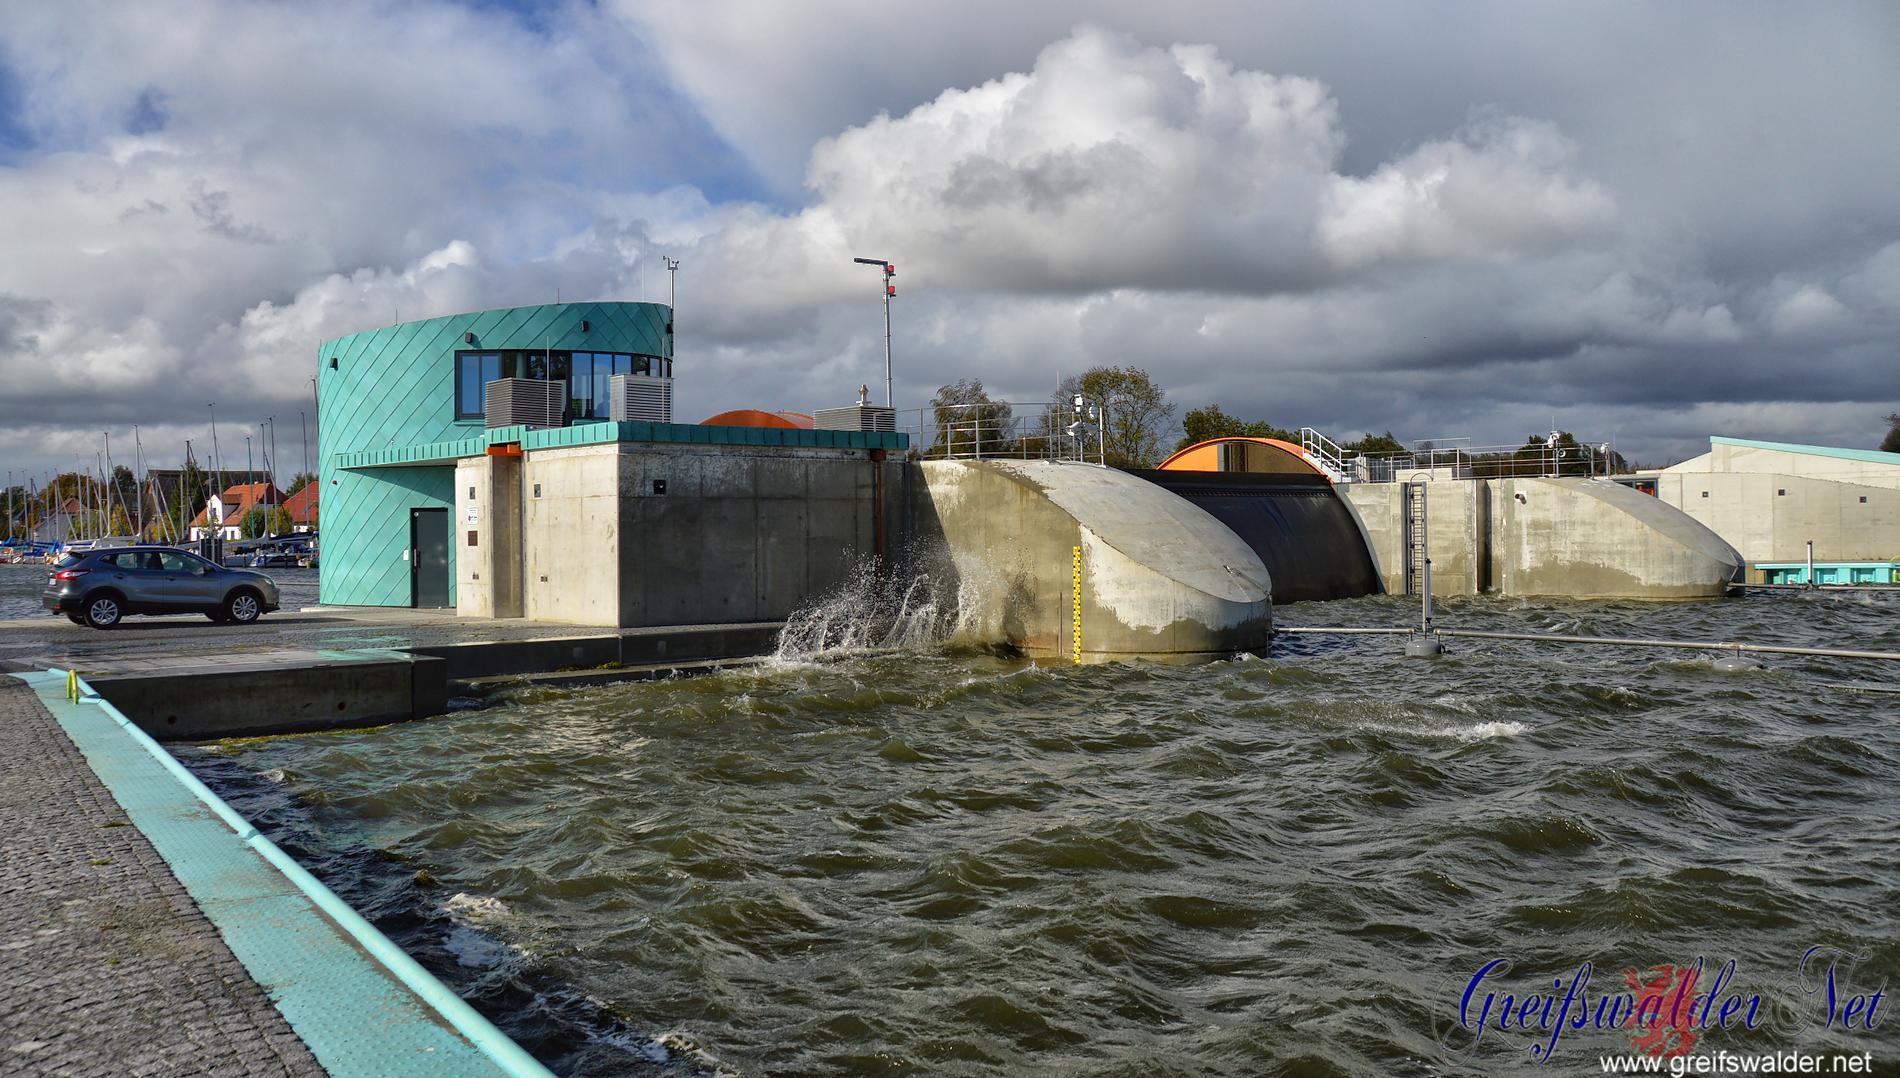 Sperrwerk in Greifswald-Wieck geschlossen